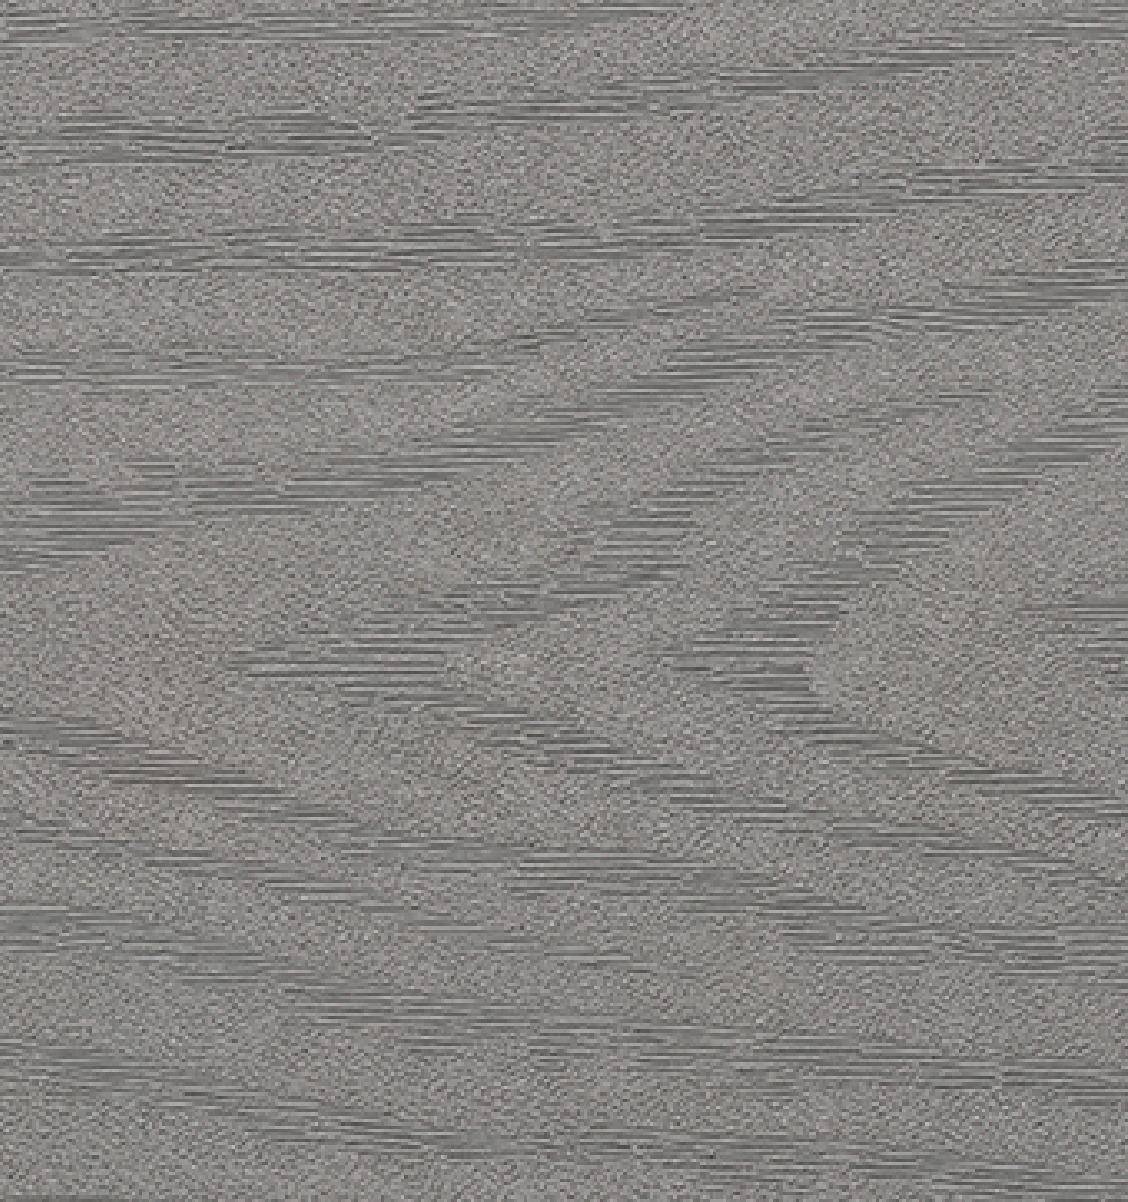 Trex Select Pebble Grey Fascia 12 X 12